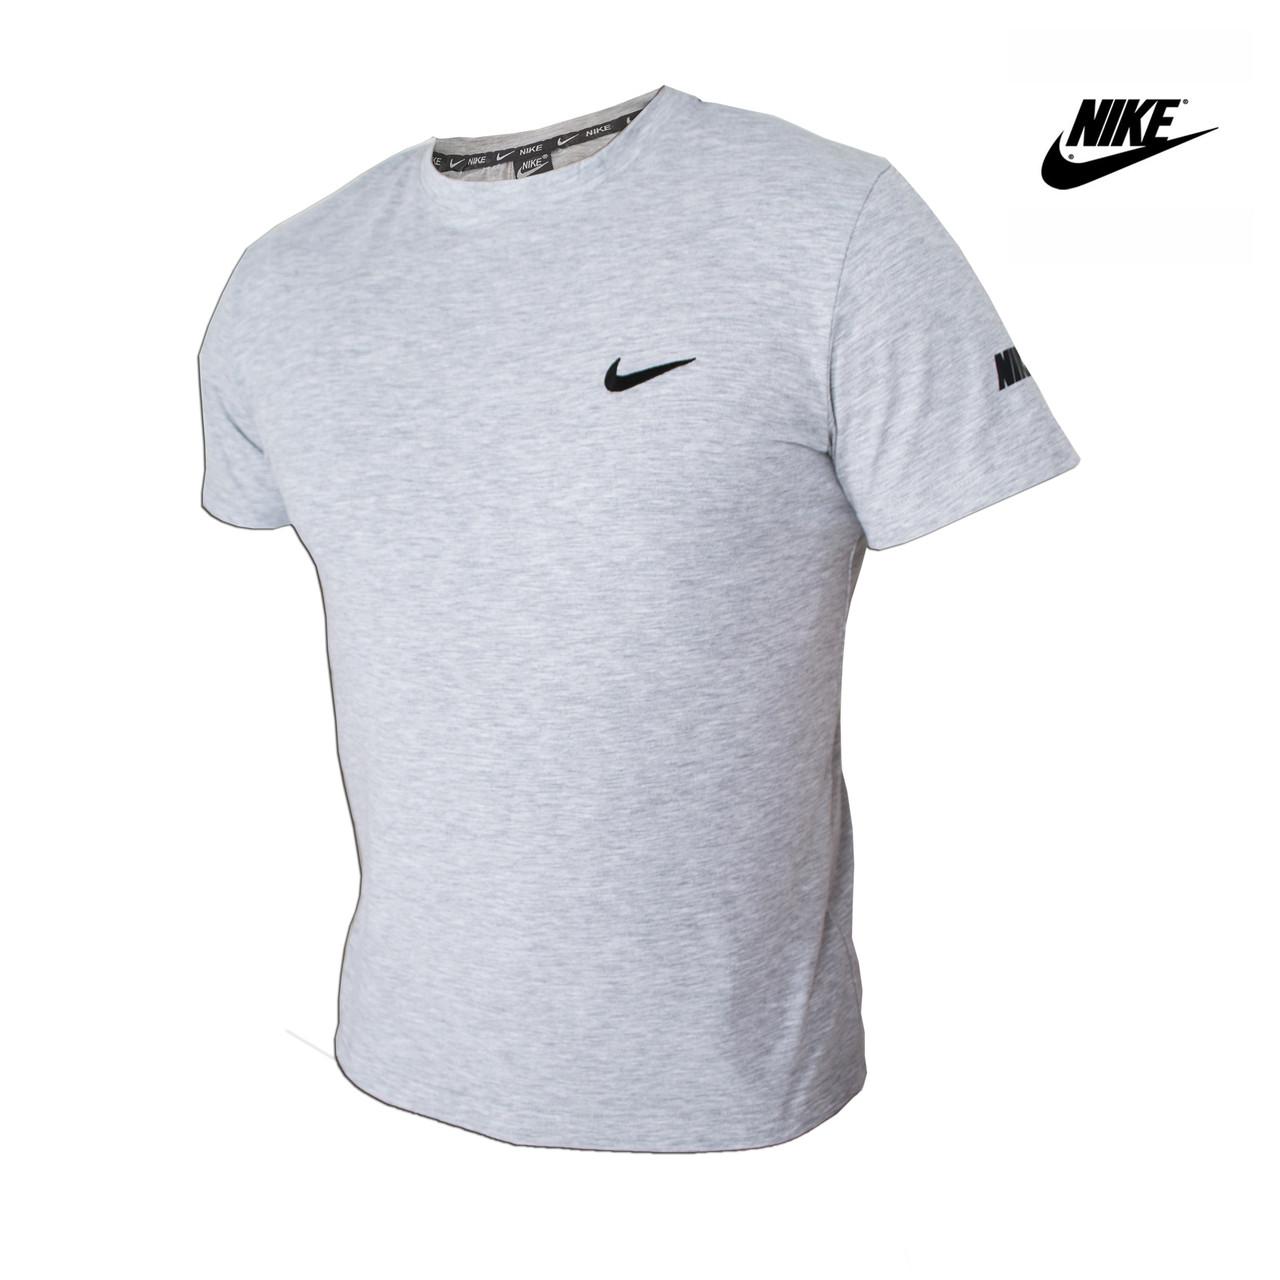 5d1dc3410f413 Футболка мужская хлопковая Nike (Найк) - серая, спортивная, с логотипом XL (